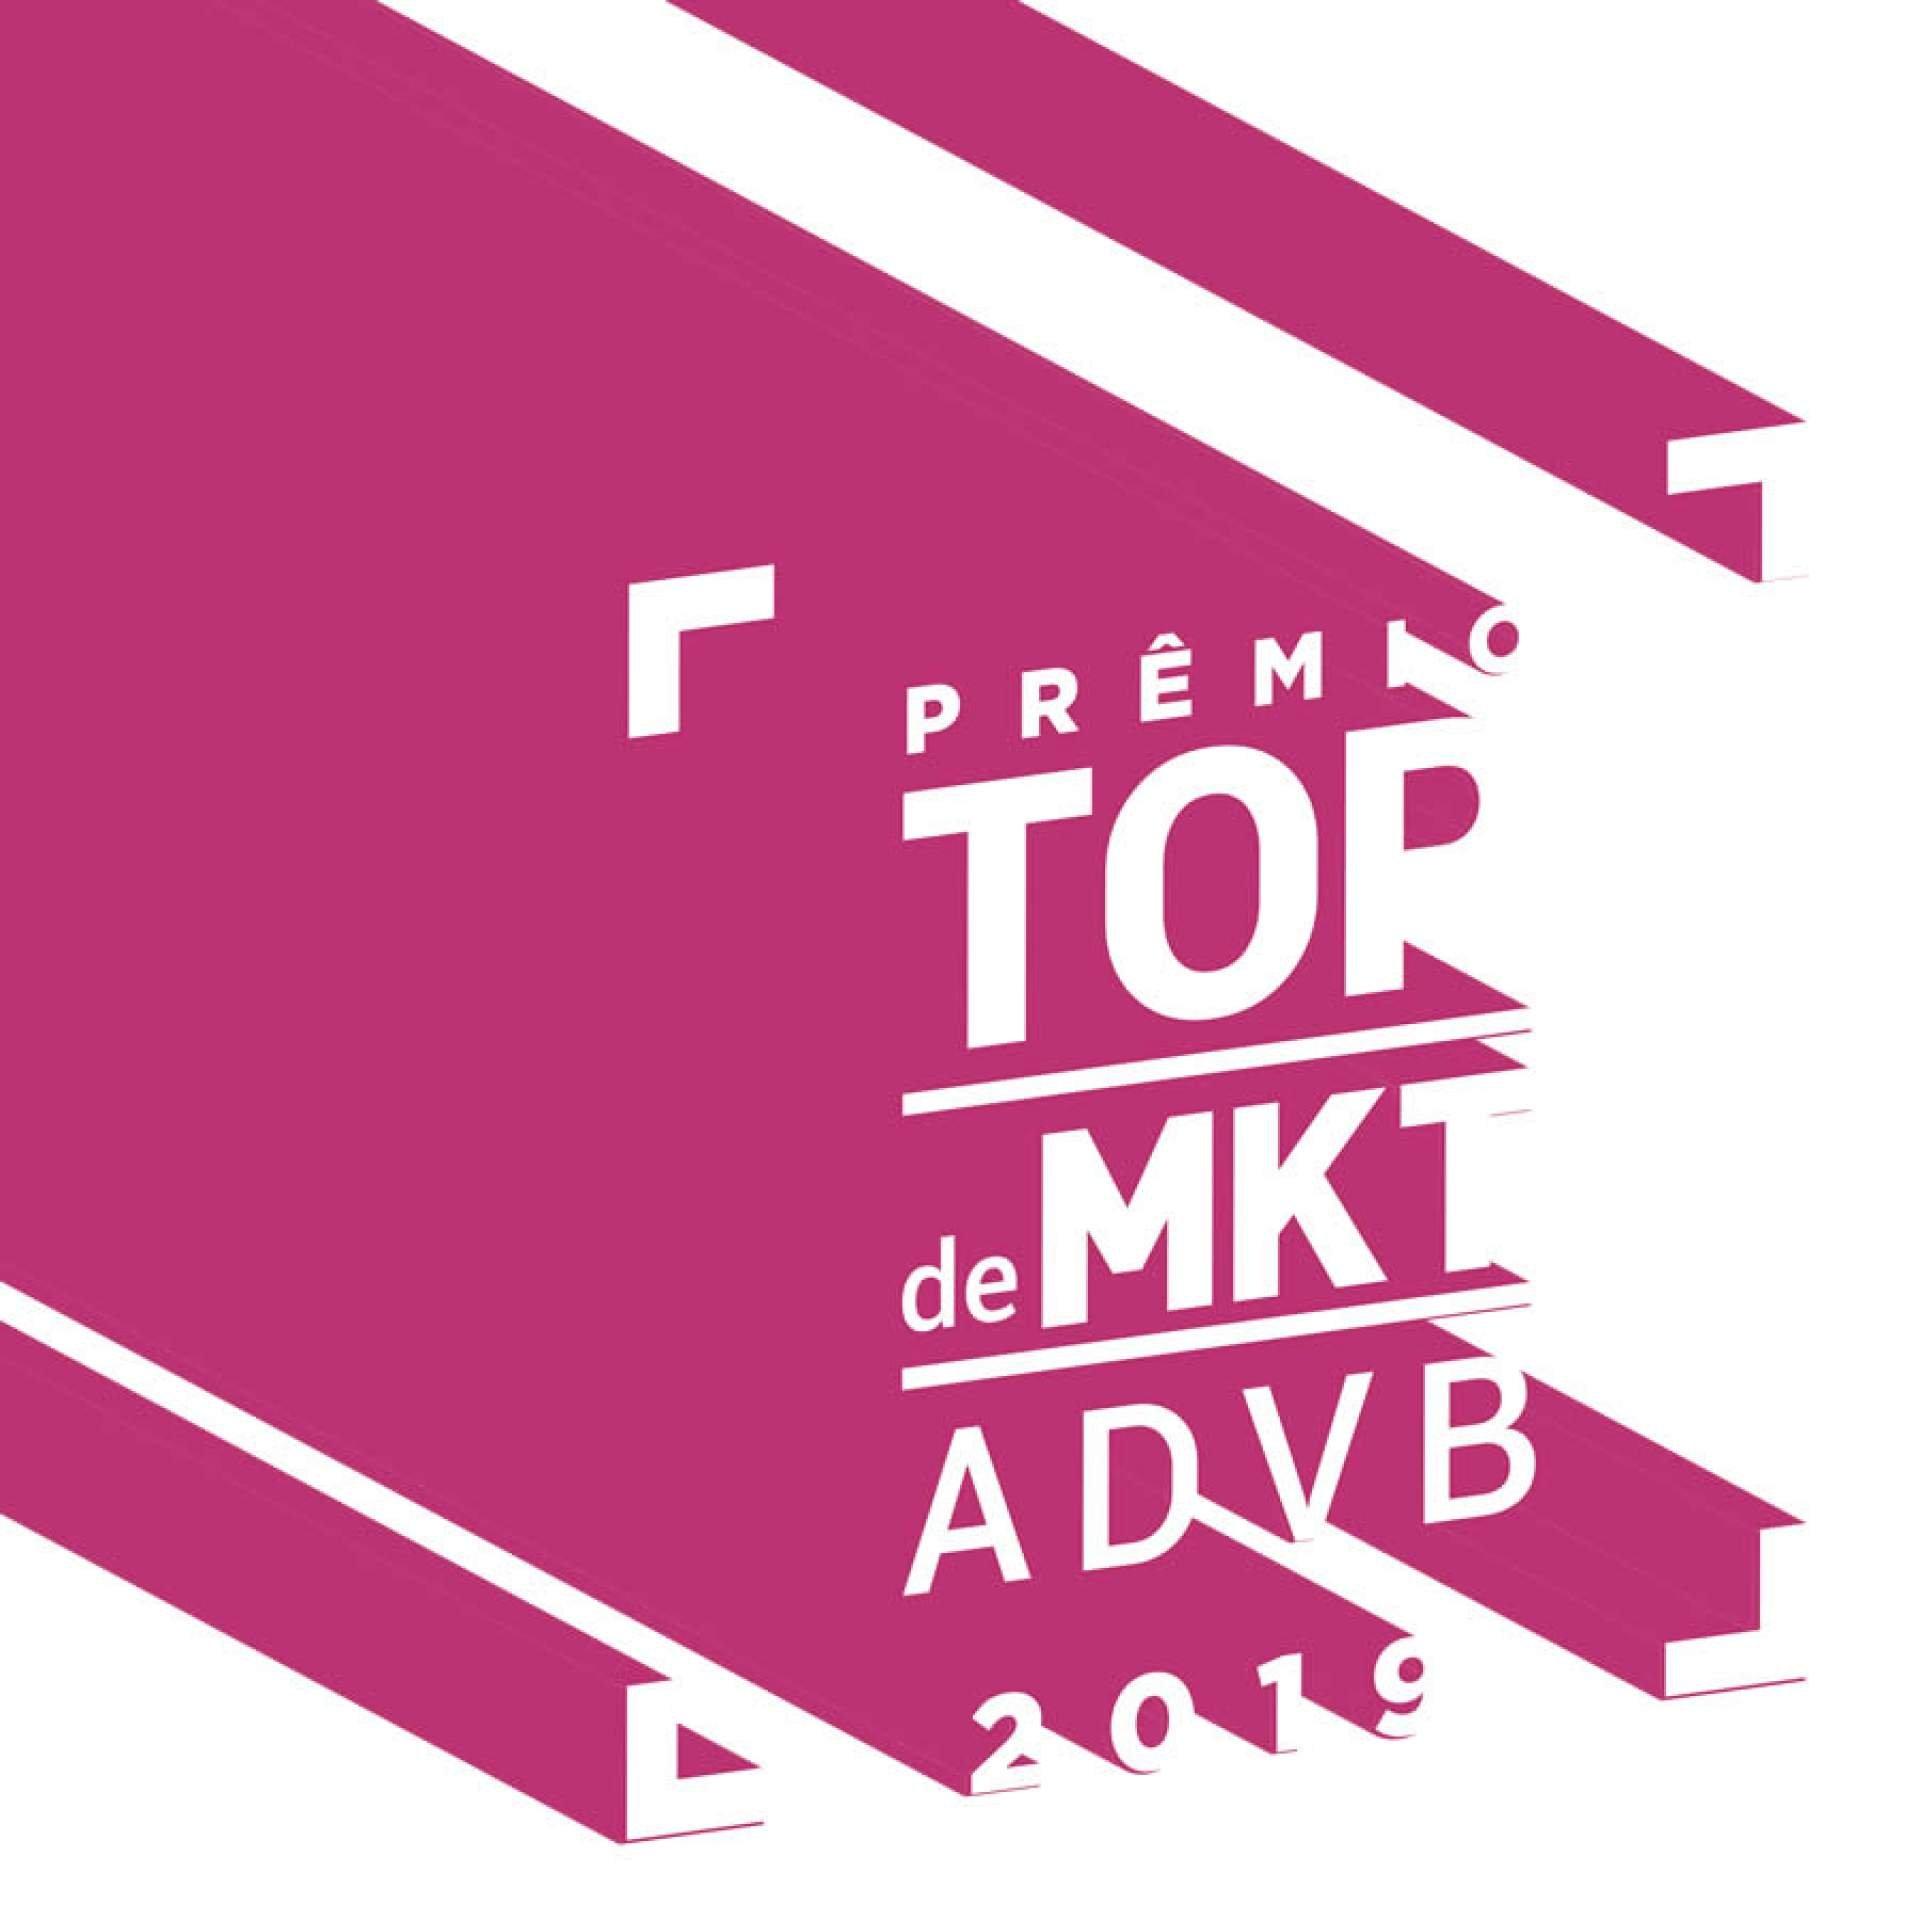 Startup do portfolio da Bossa Nova é uma das finalistas do Top de Marketing 2019